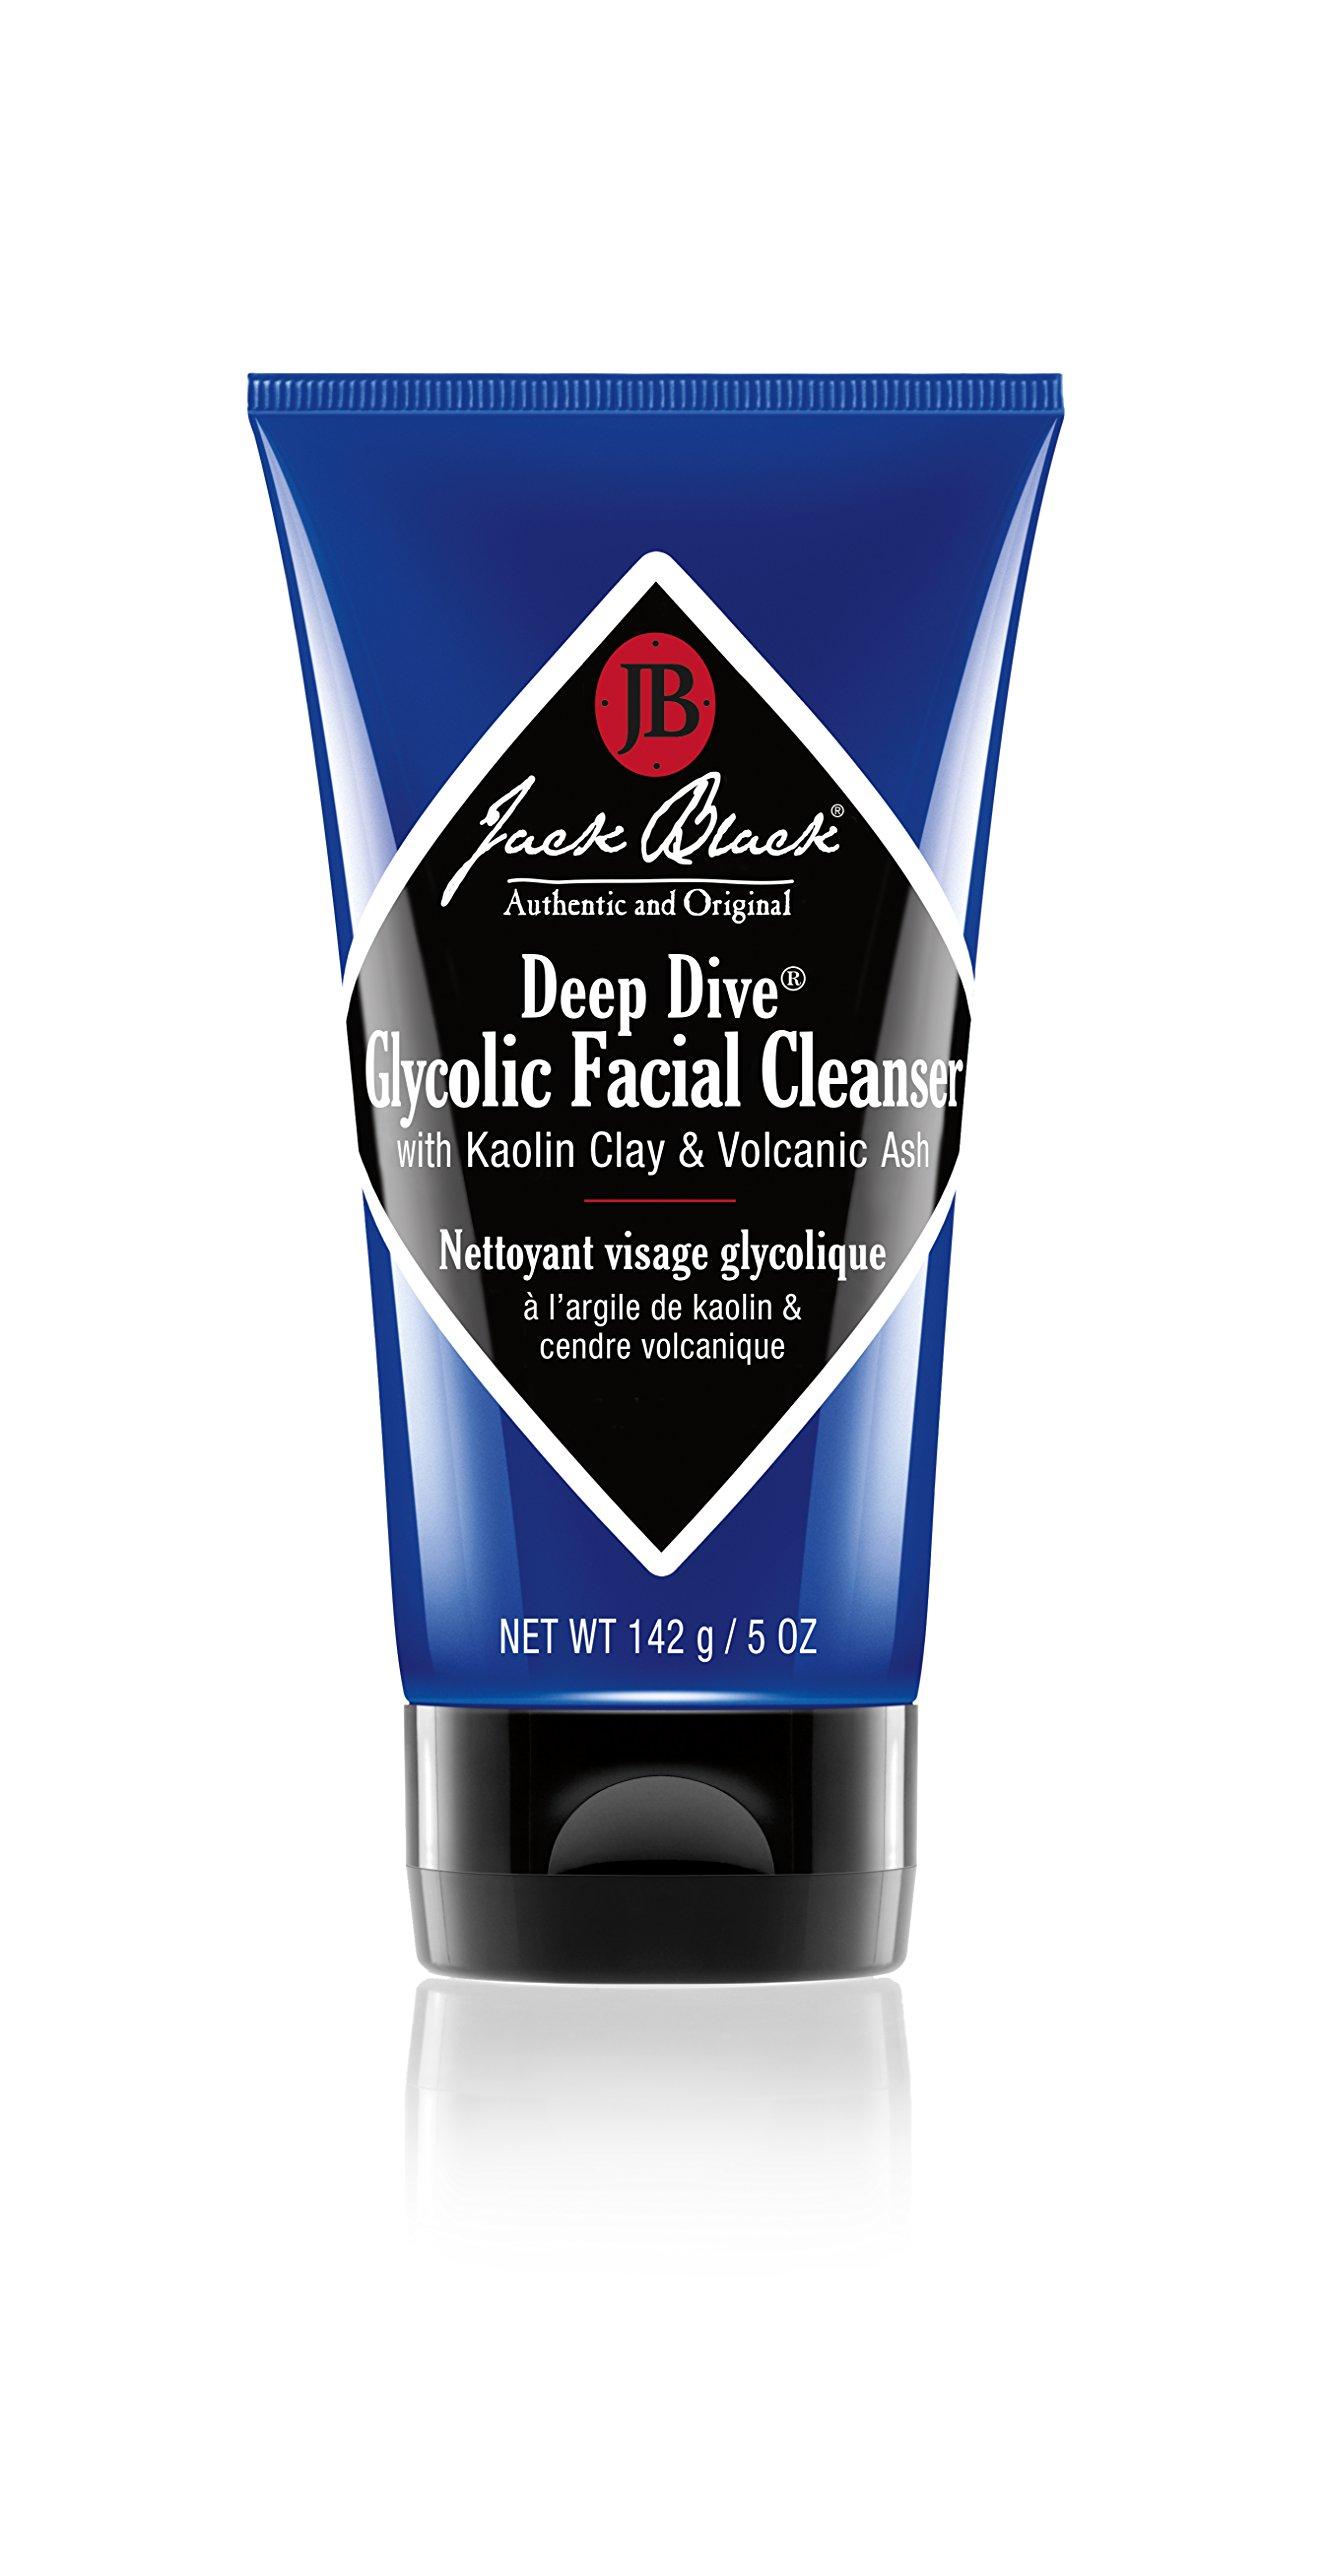 Jack Black Deep Dive Glycolic Facial Cleanser, 5 fl. oz.